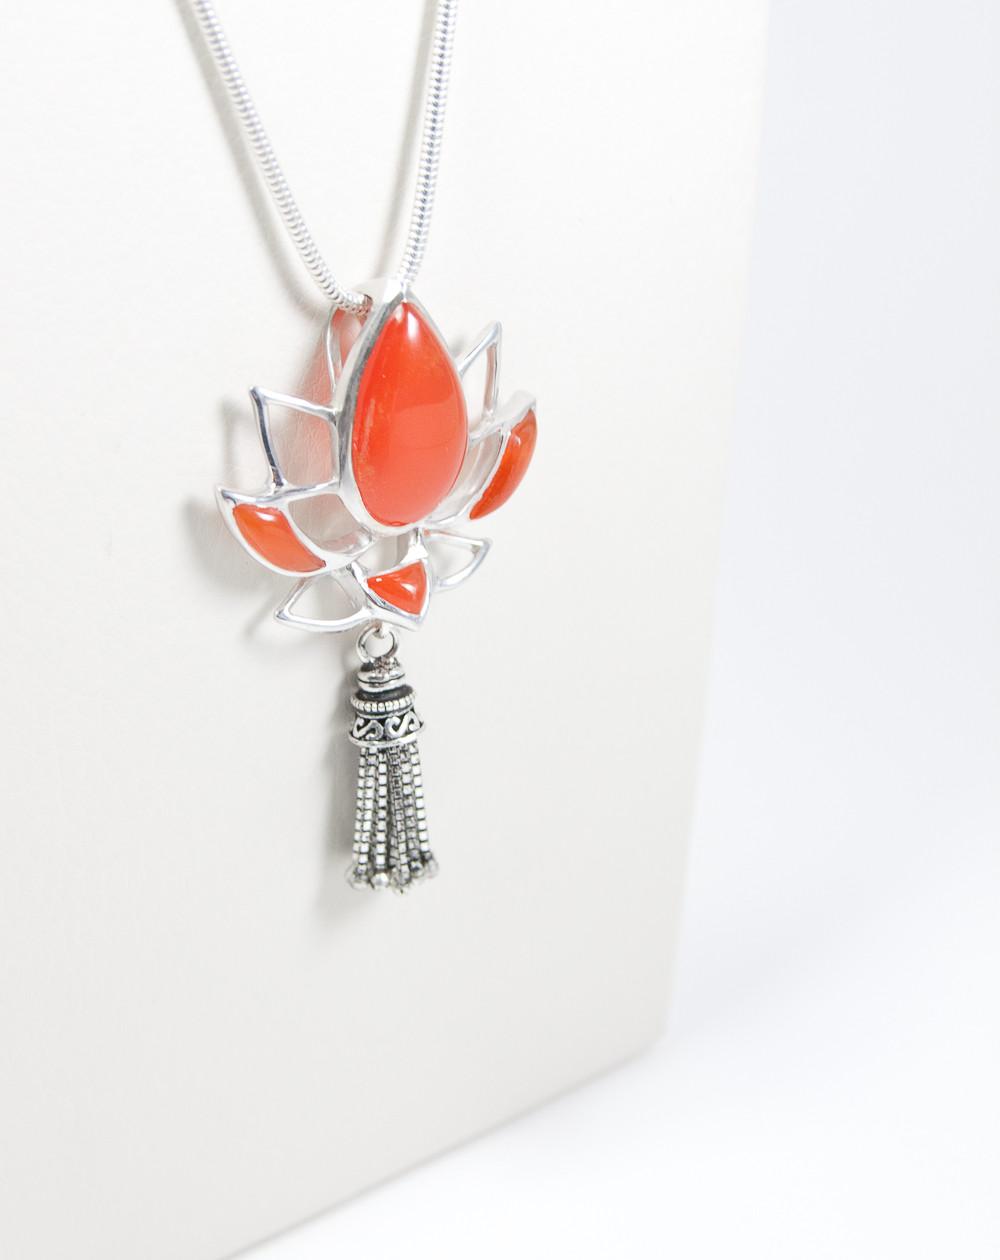 Pendentif fleur de Lotus Cornaline, Grand modèle, collection Khépri, Sanuk Création